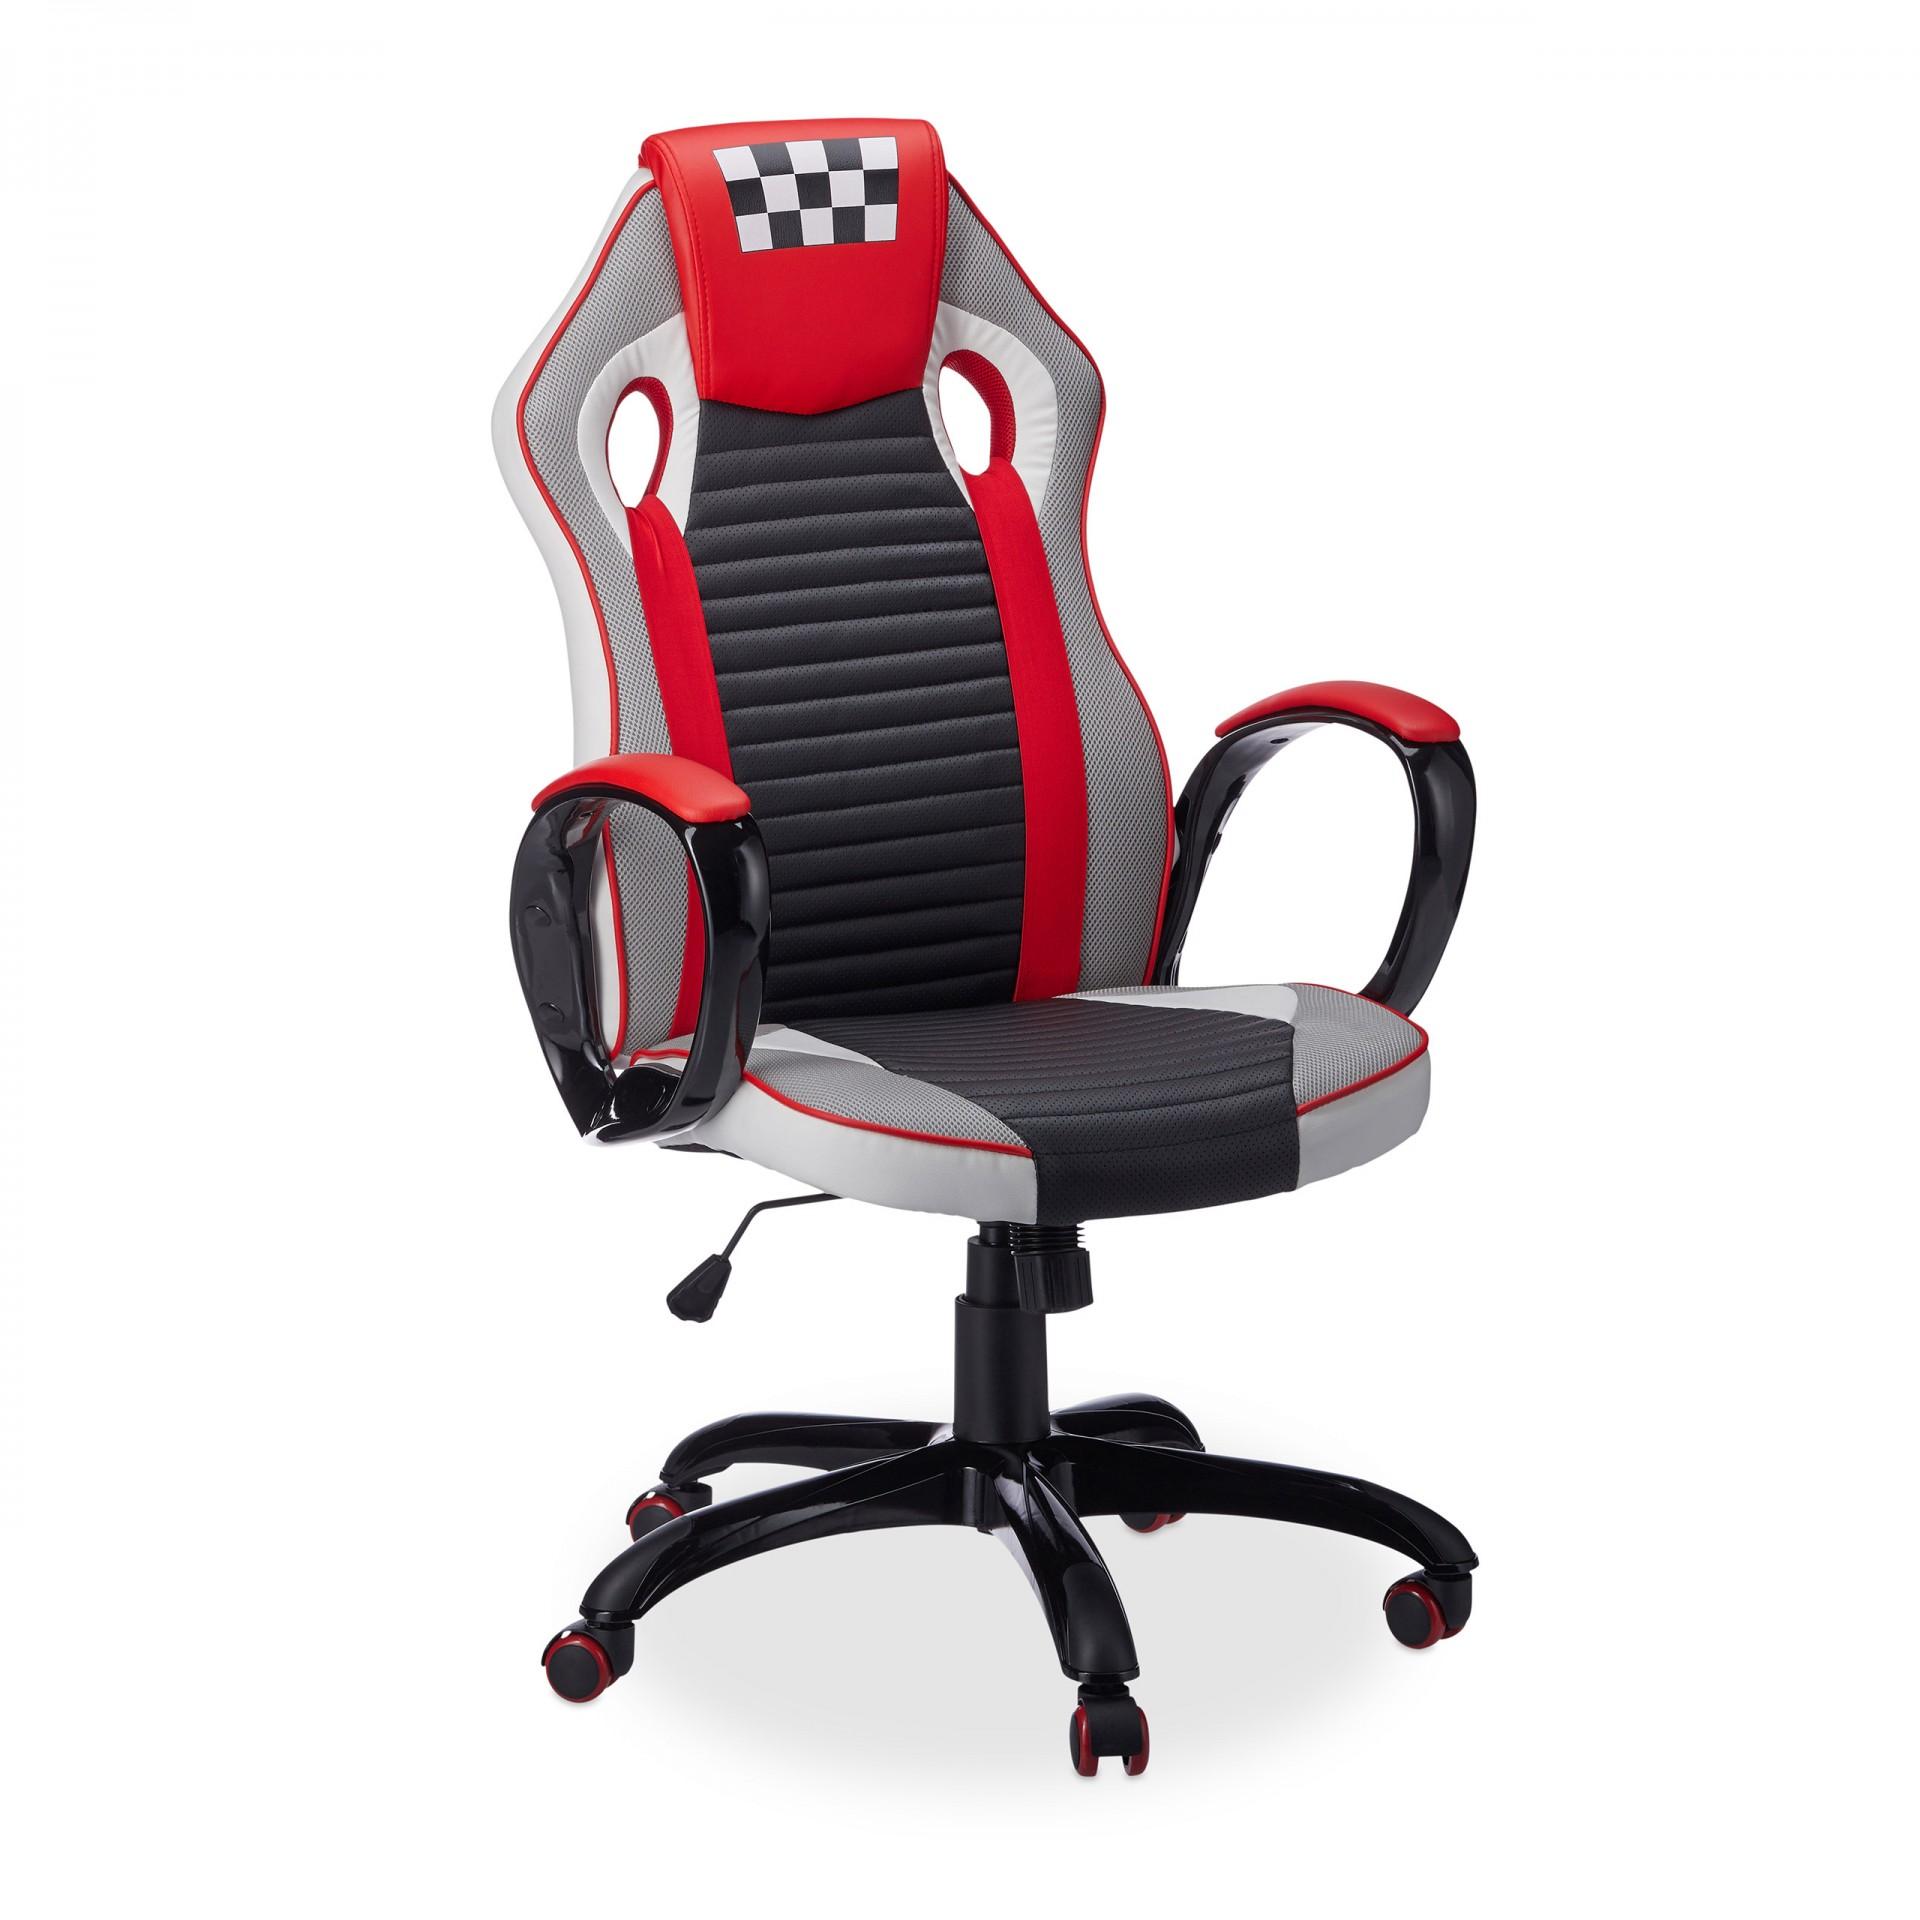 Herní židle k PC Racing